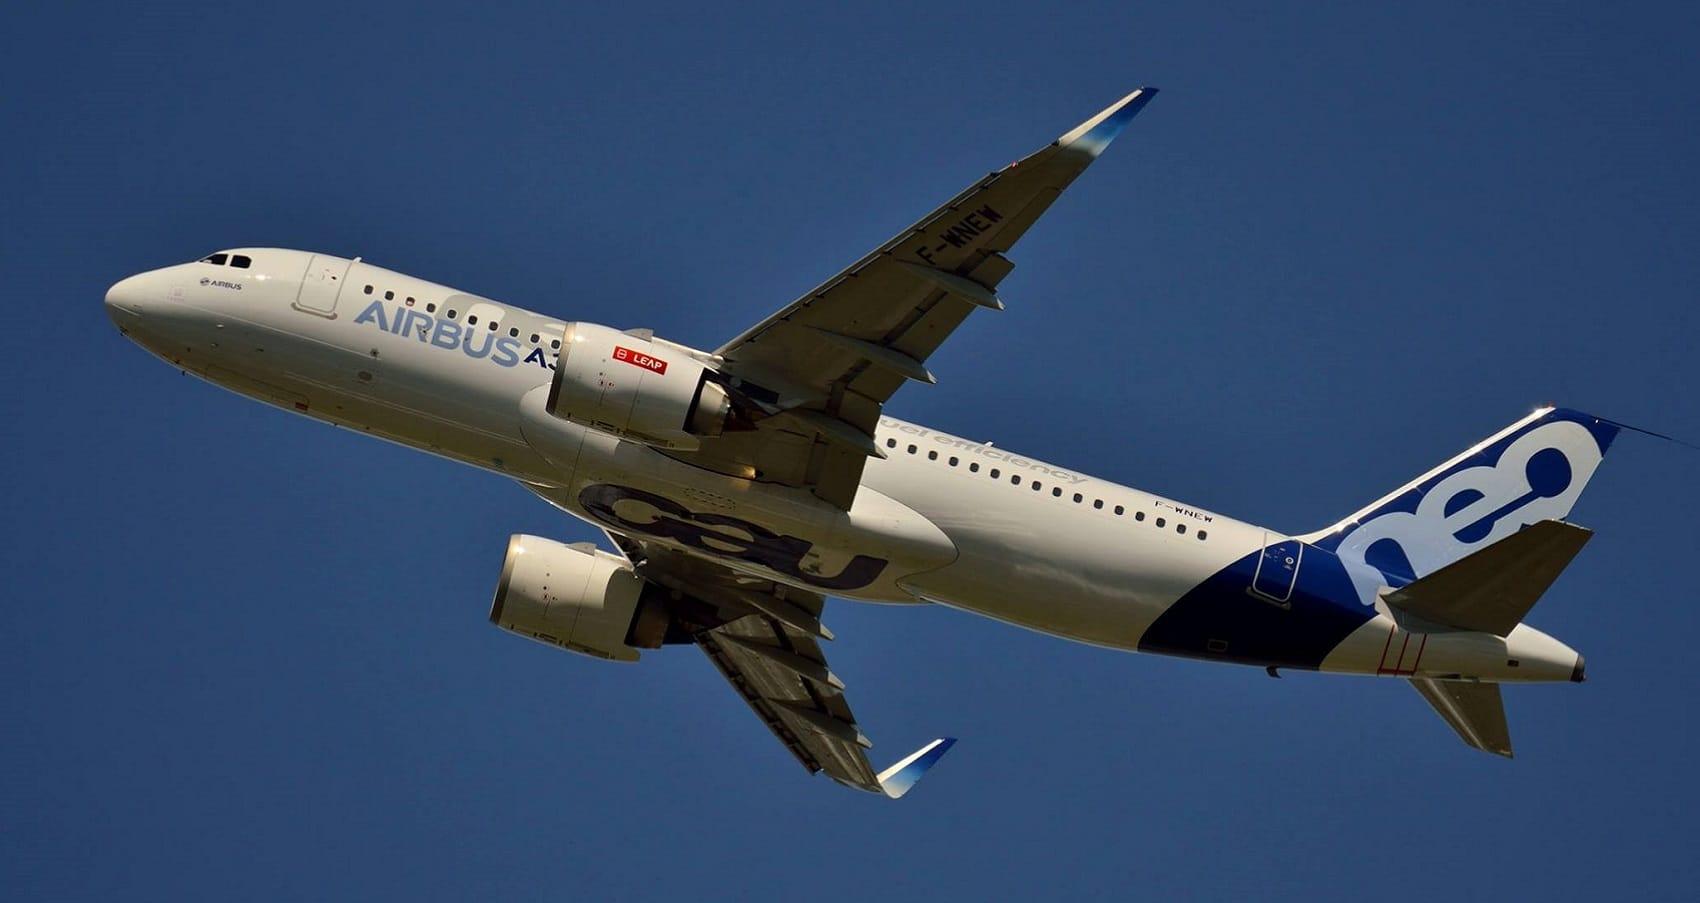 domaine-aerien-aviation-apptek-pp